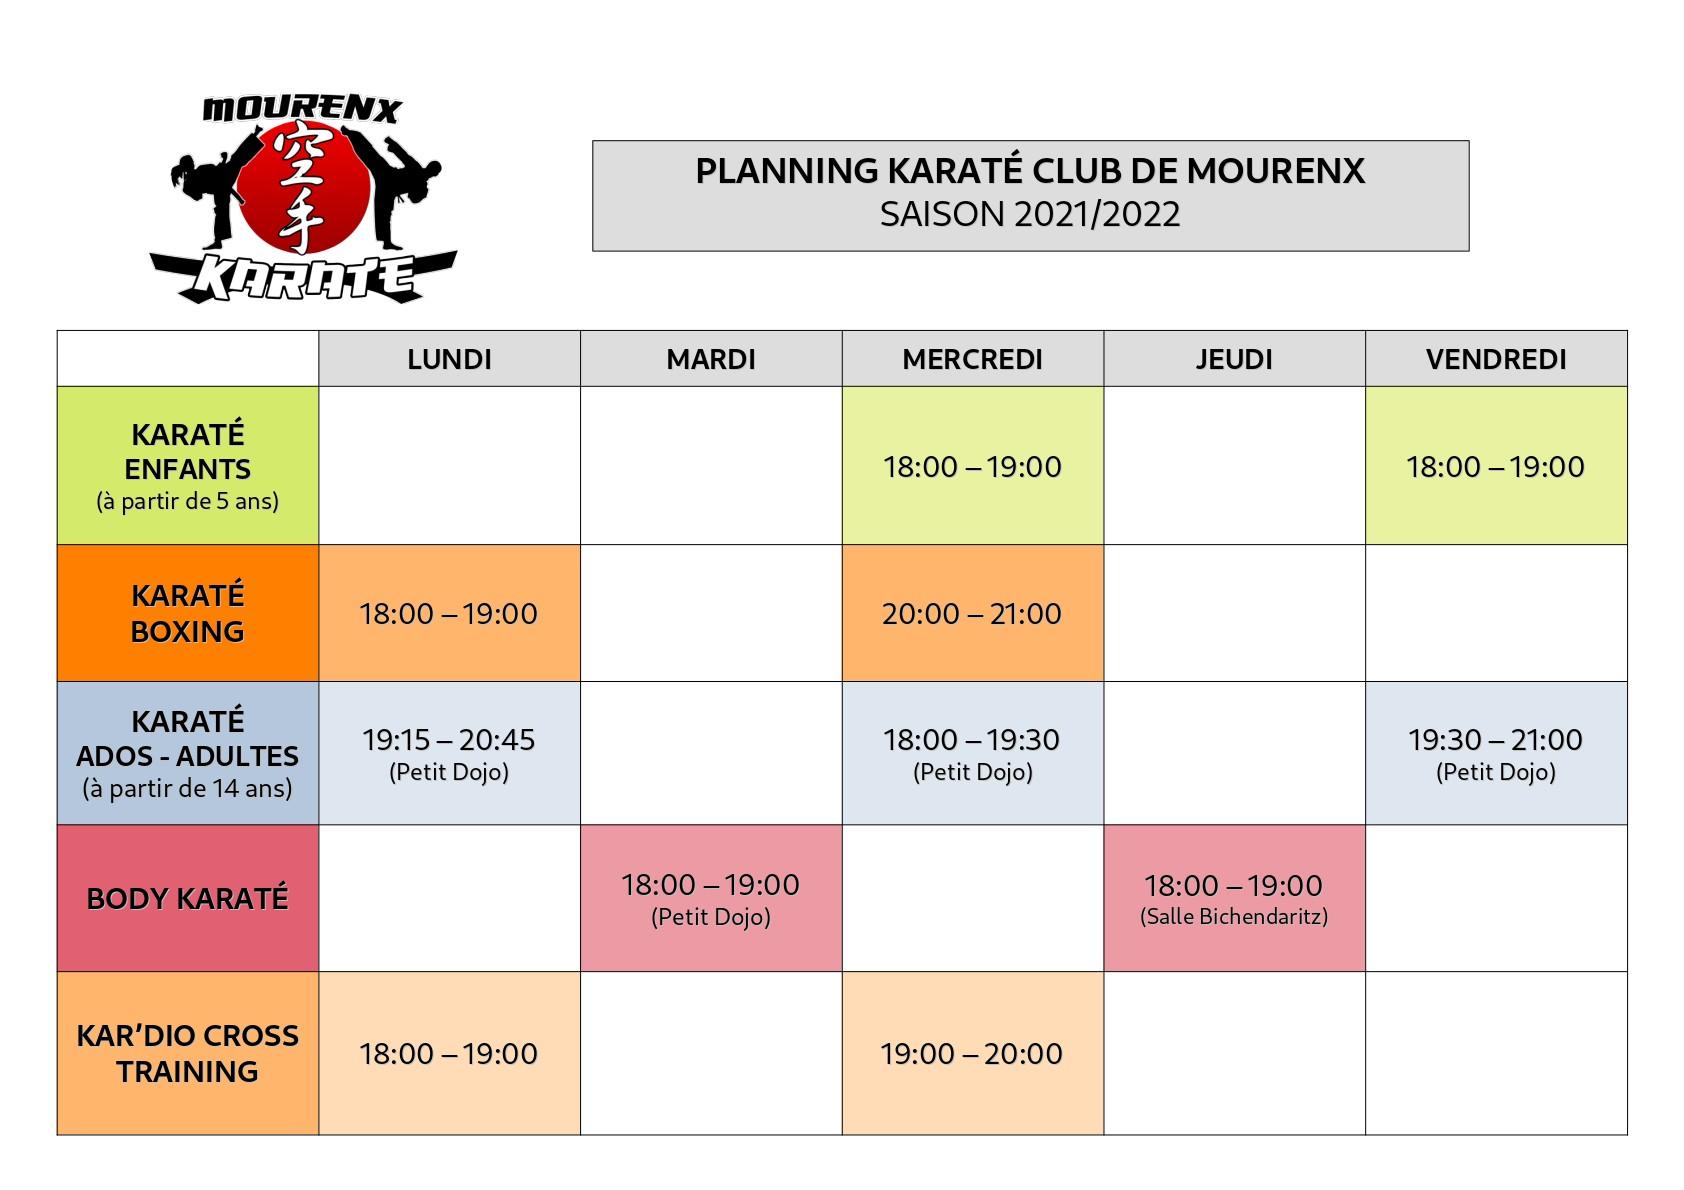 karateplanning2022